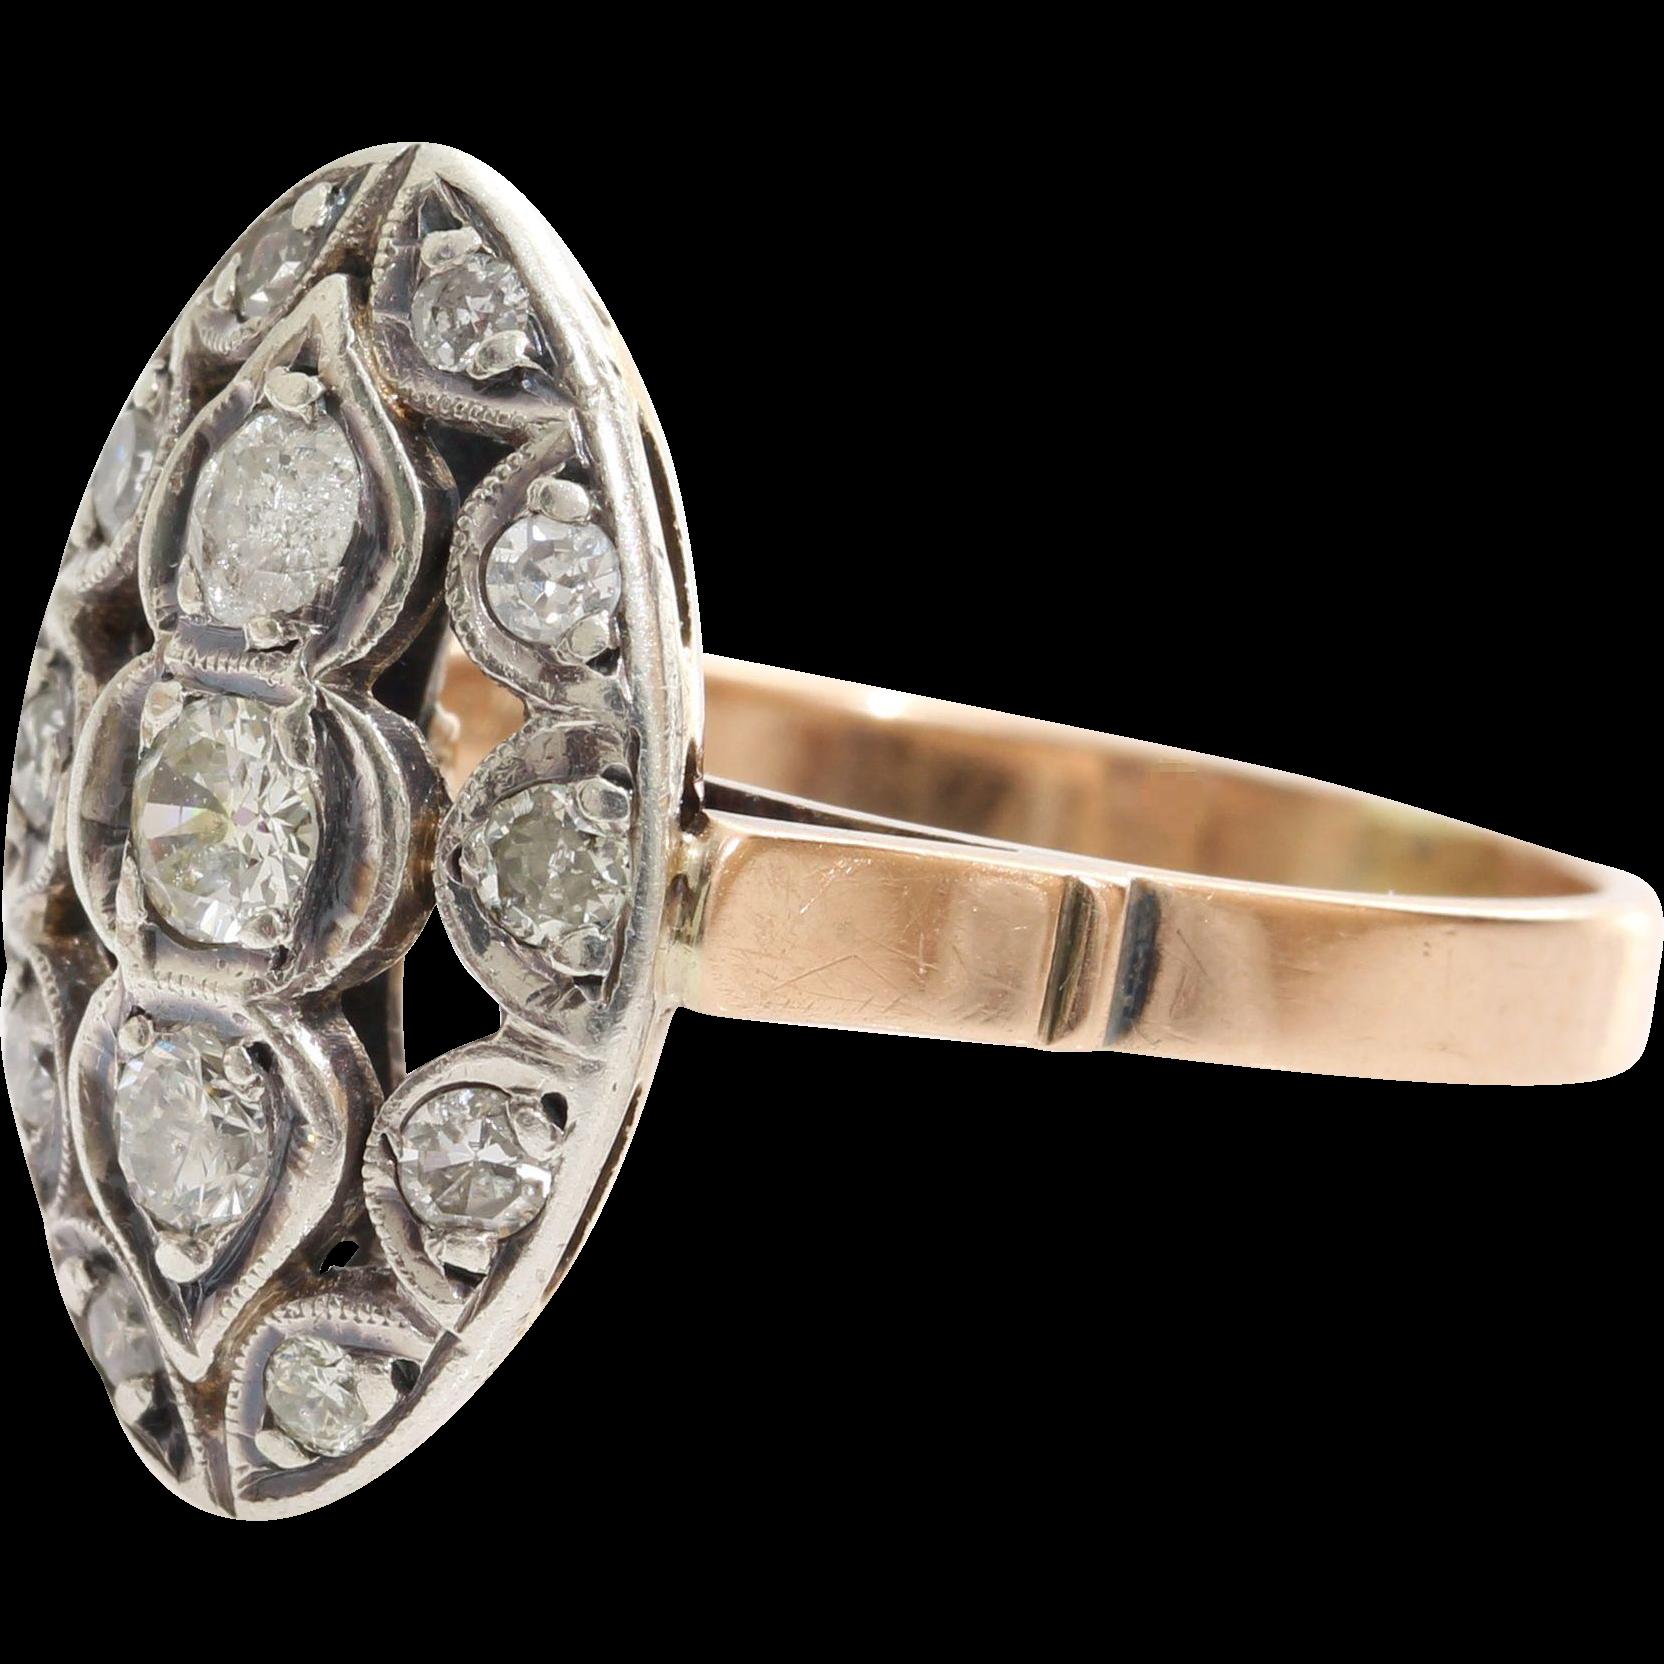 Art Deco Diamond Ring   14K Rose White Gold   Vintage Navette Cocktail